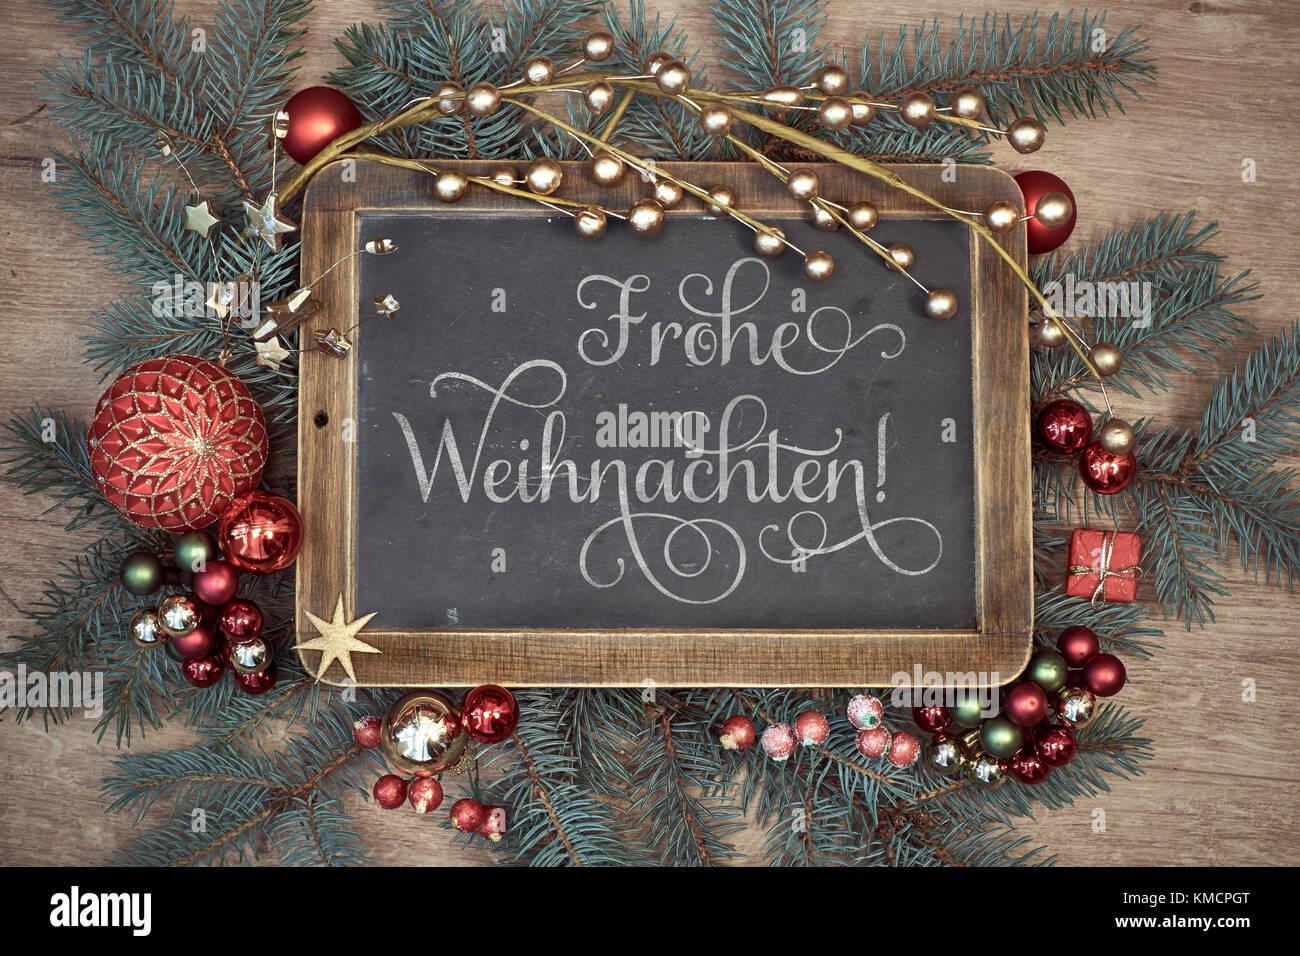 Frohe Weihnachten Englisch.Holzbrett Mit Gruß Text Frohe Weihaschten Oder Frohe Weihnachten